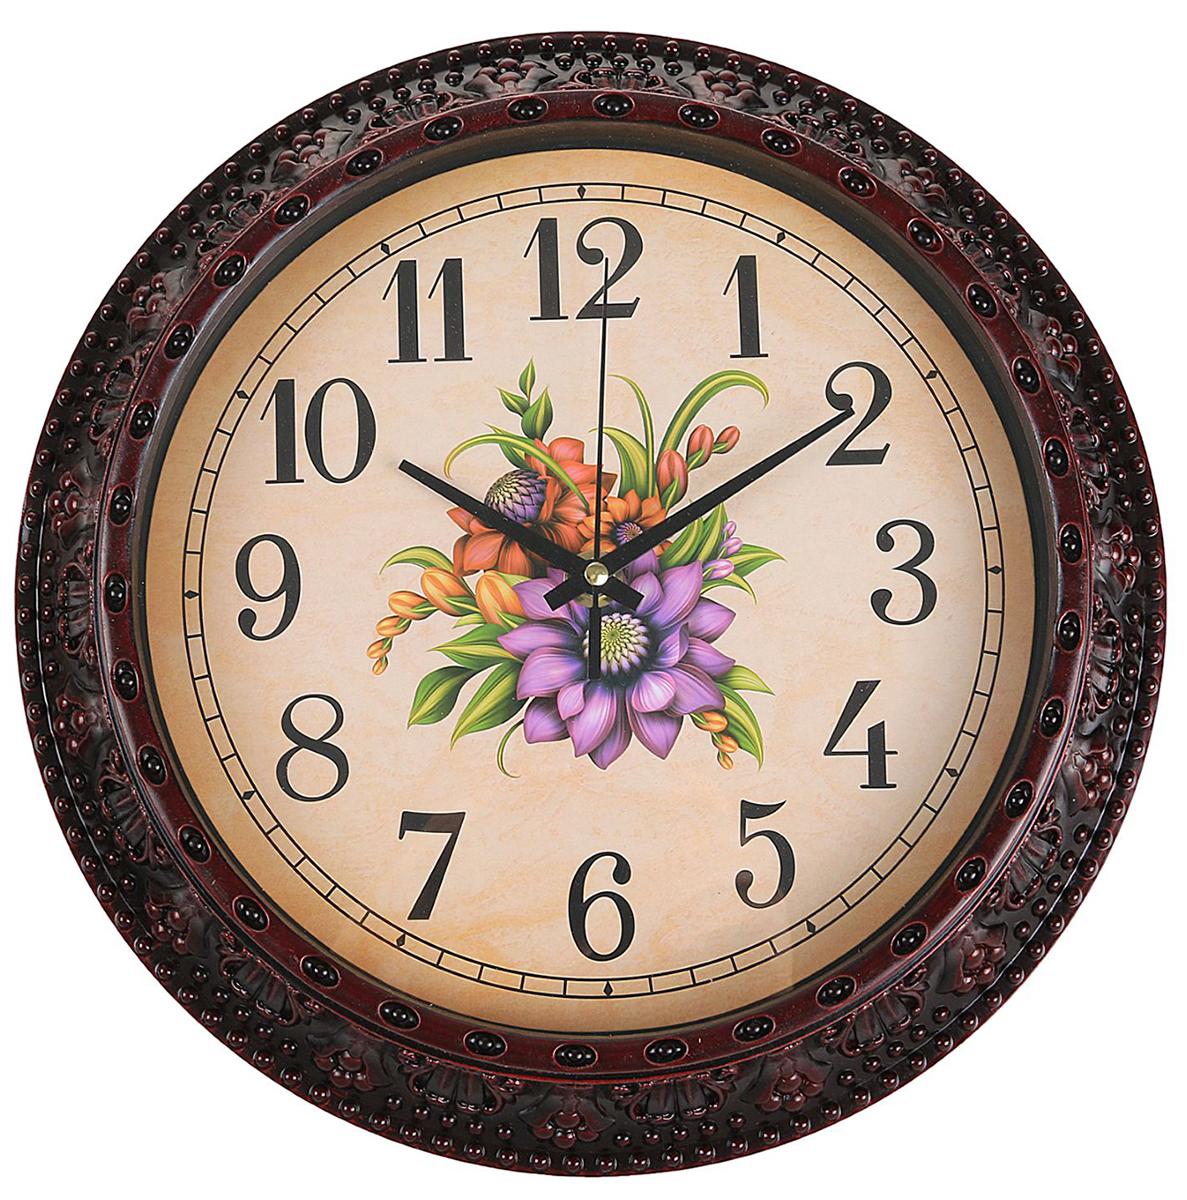 Часы настенные интерьерные Изящный букет, цвет: бордо, диаметр 30 см2334883Каждому хозяину периодически приходит мысль обновить свою квартиру, сделать ремонт, перестановку или кардинально поменять внешний вид каждой комнаты. — привлекательная деталь, которая поможет воплотить вашу интерьерную идею, создать неповторимую атмосферу в вашем доме. Окружите себя приятными мелочами, пусть они радуют глаз и дарят гармонию.Часы настенные интерьерные Изящный букет, круг, бордо, 30*5см 2334883